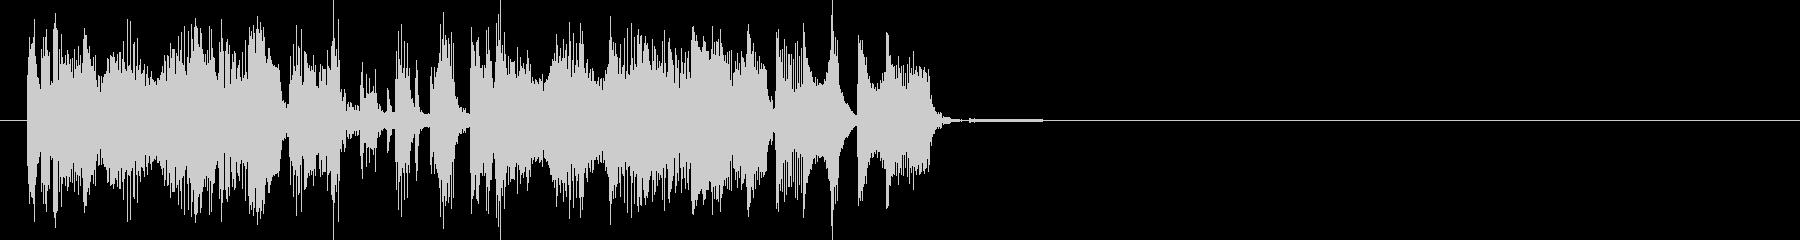 場面転換、動画作成に最適なEDMジングルの未再生の波形